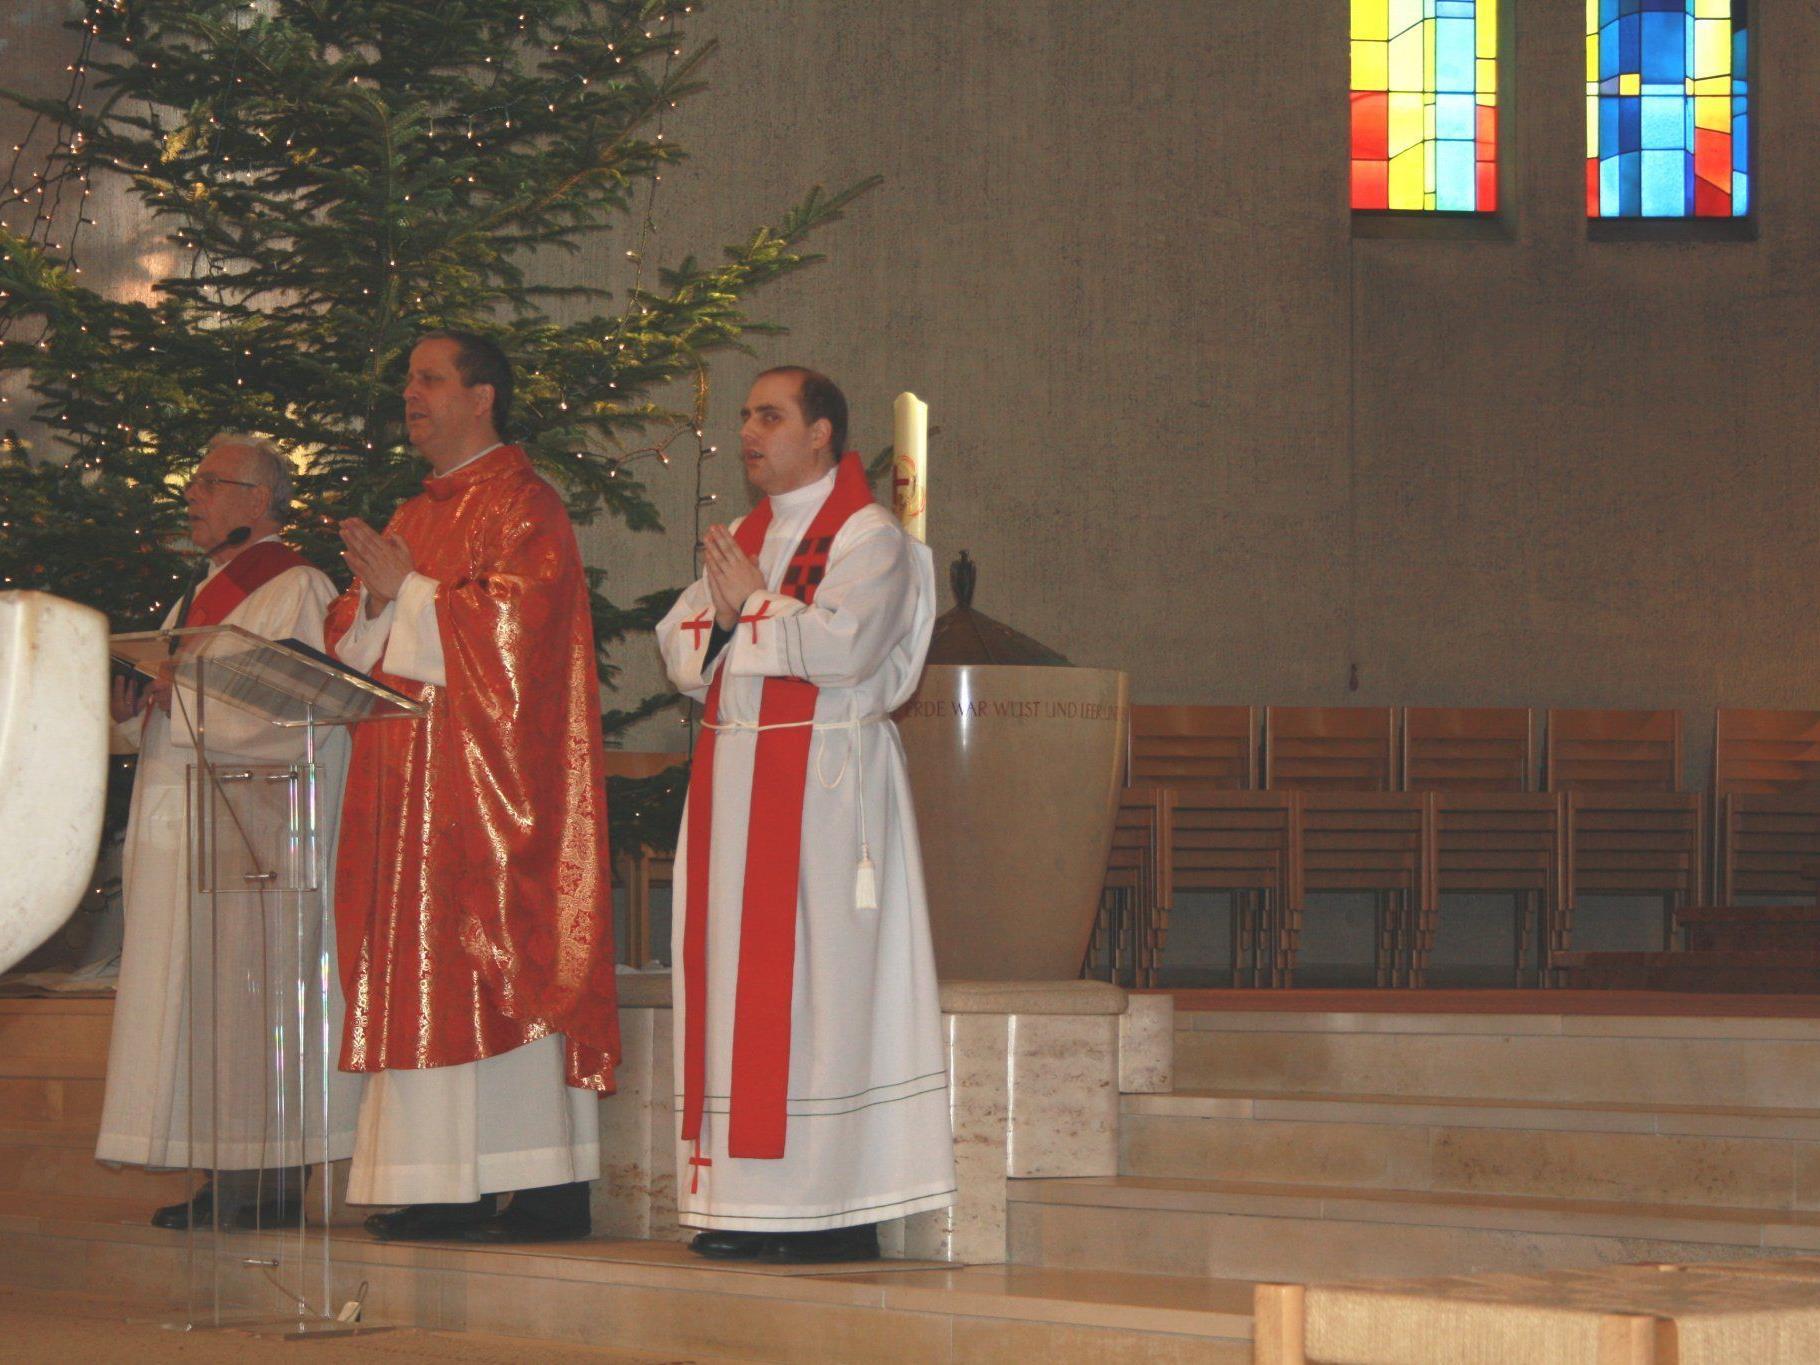 Pfarrer Thomas Sauter zelebrierte den Gottesdienst den der MV Concordia musikalisch umrahmte.